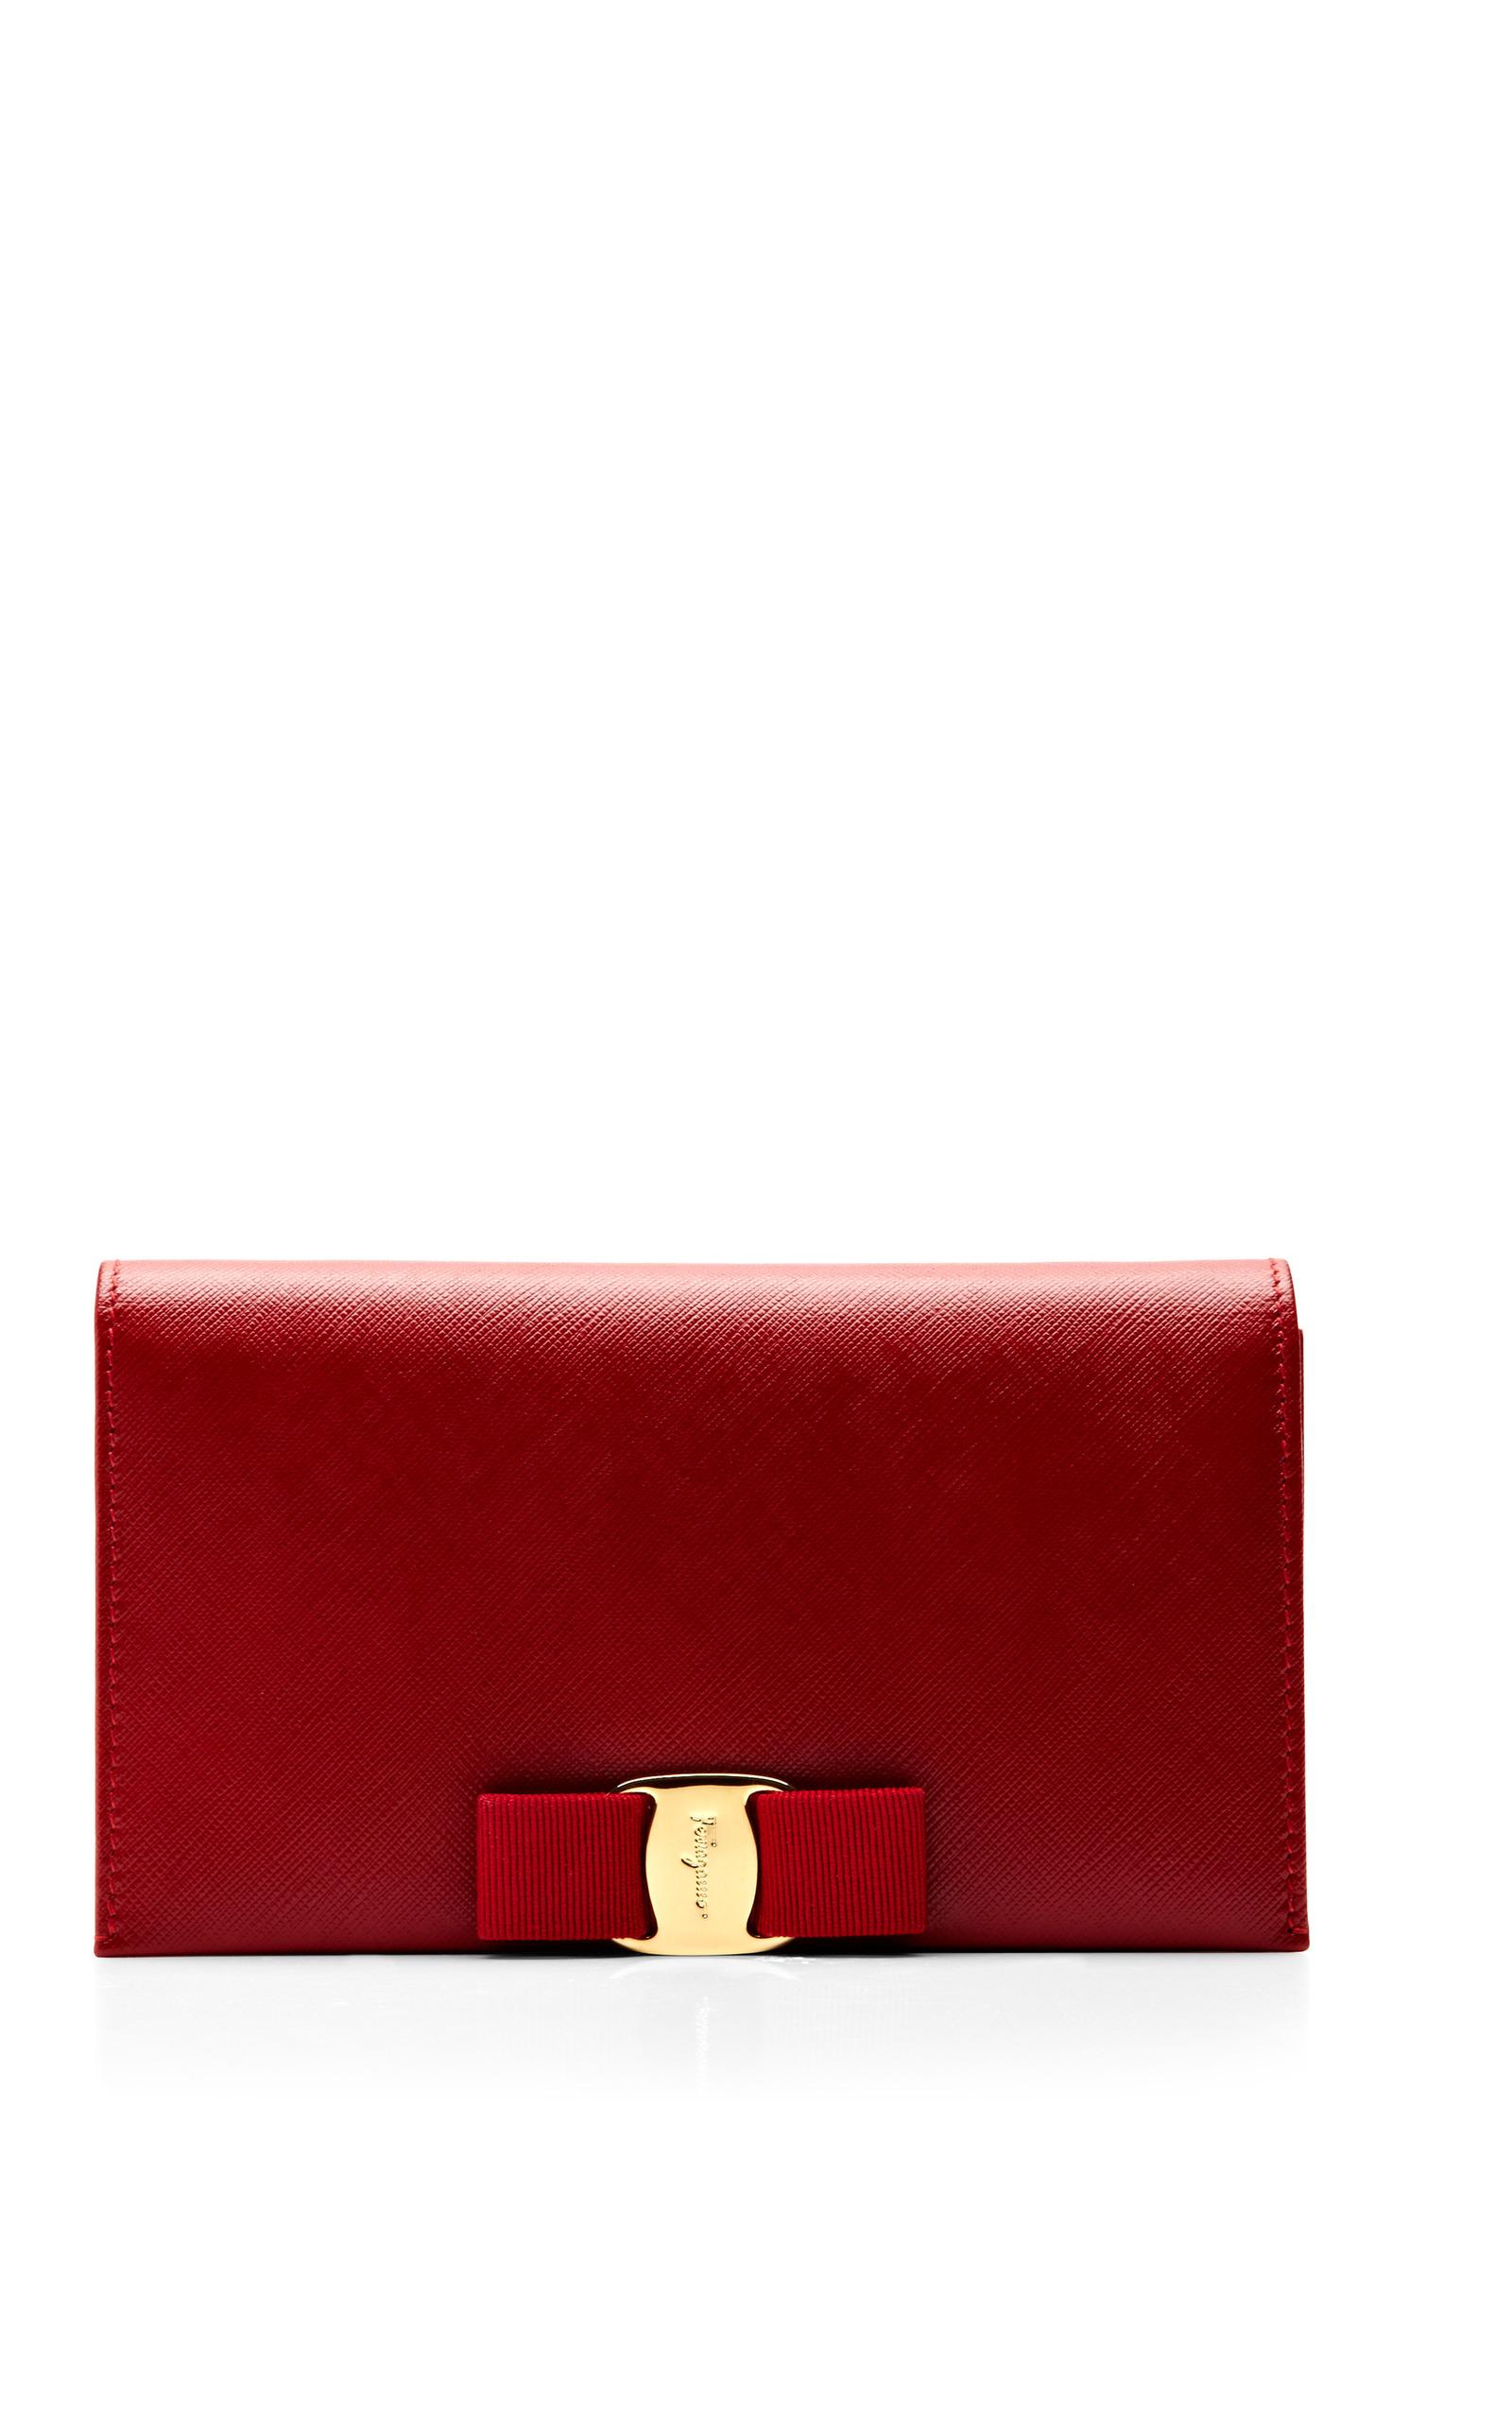 Salvatore FerragamoMiss Vara Bow Clip Leather Clutch. CLOSE. Loading 482e58a0c616b